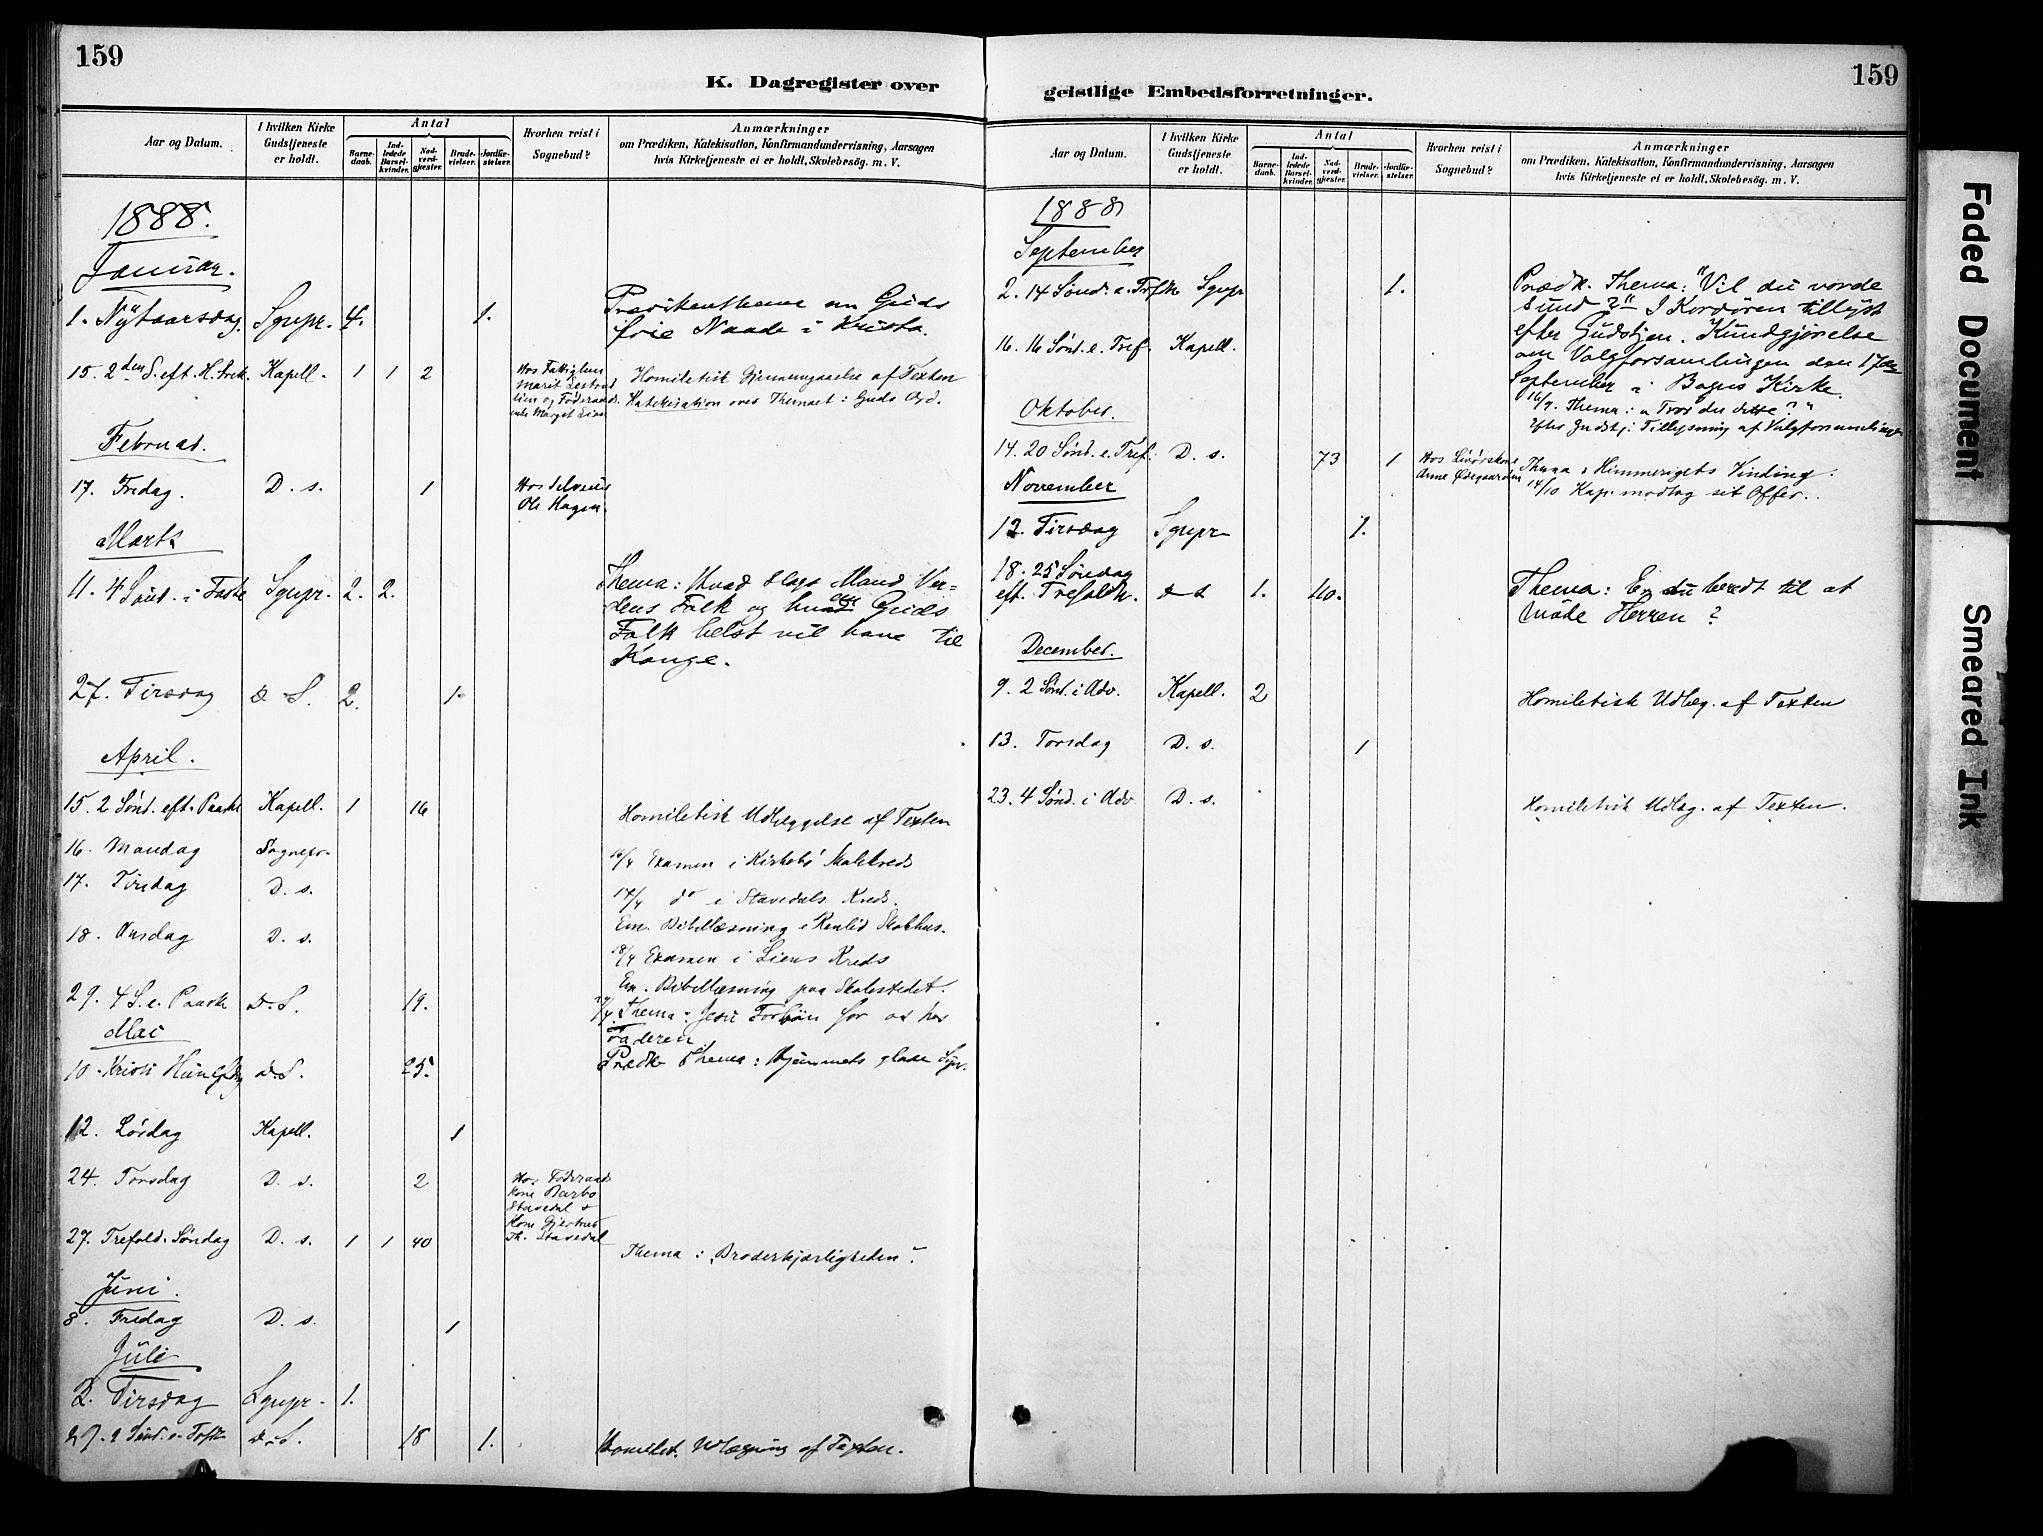 SAH, Sør-Aurdal prestekontor, Ministerialbok nr. 10, 1886-1906, s. 159